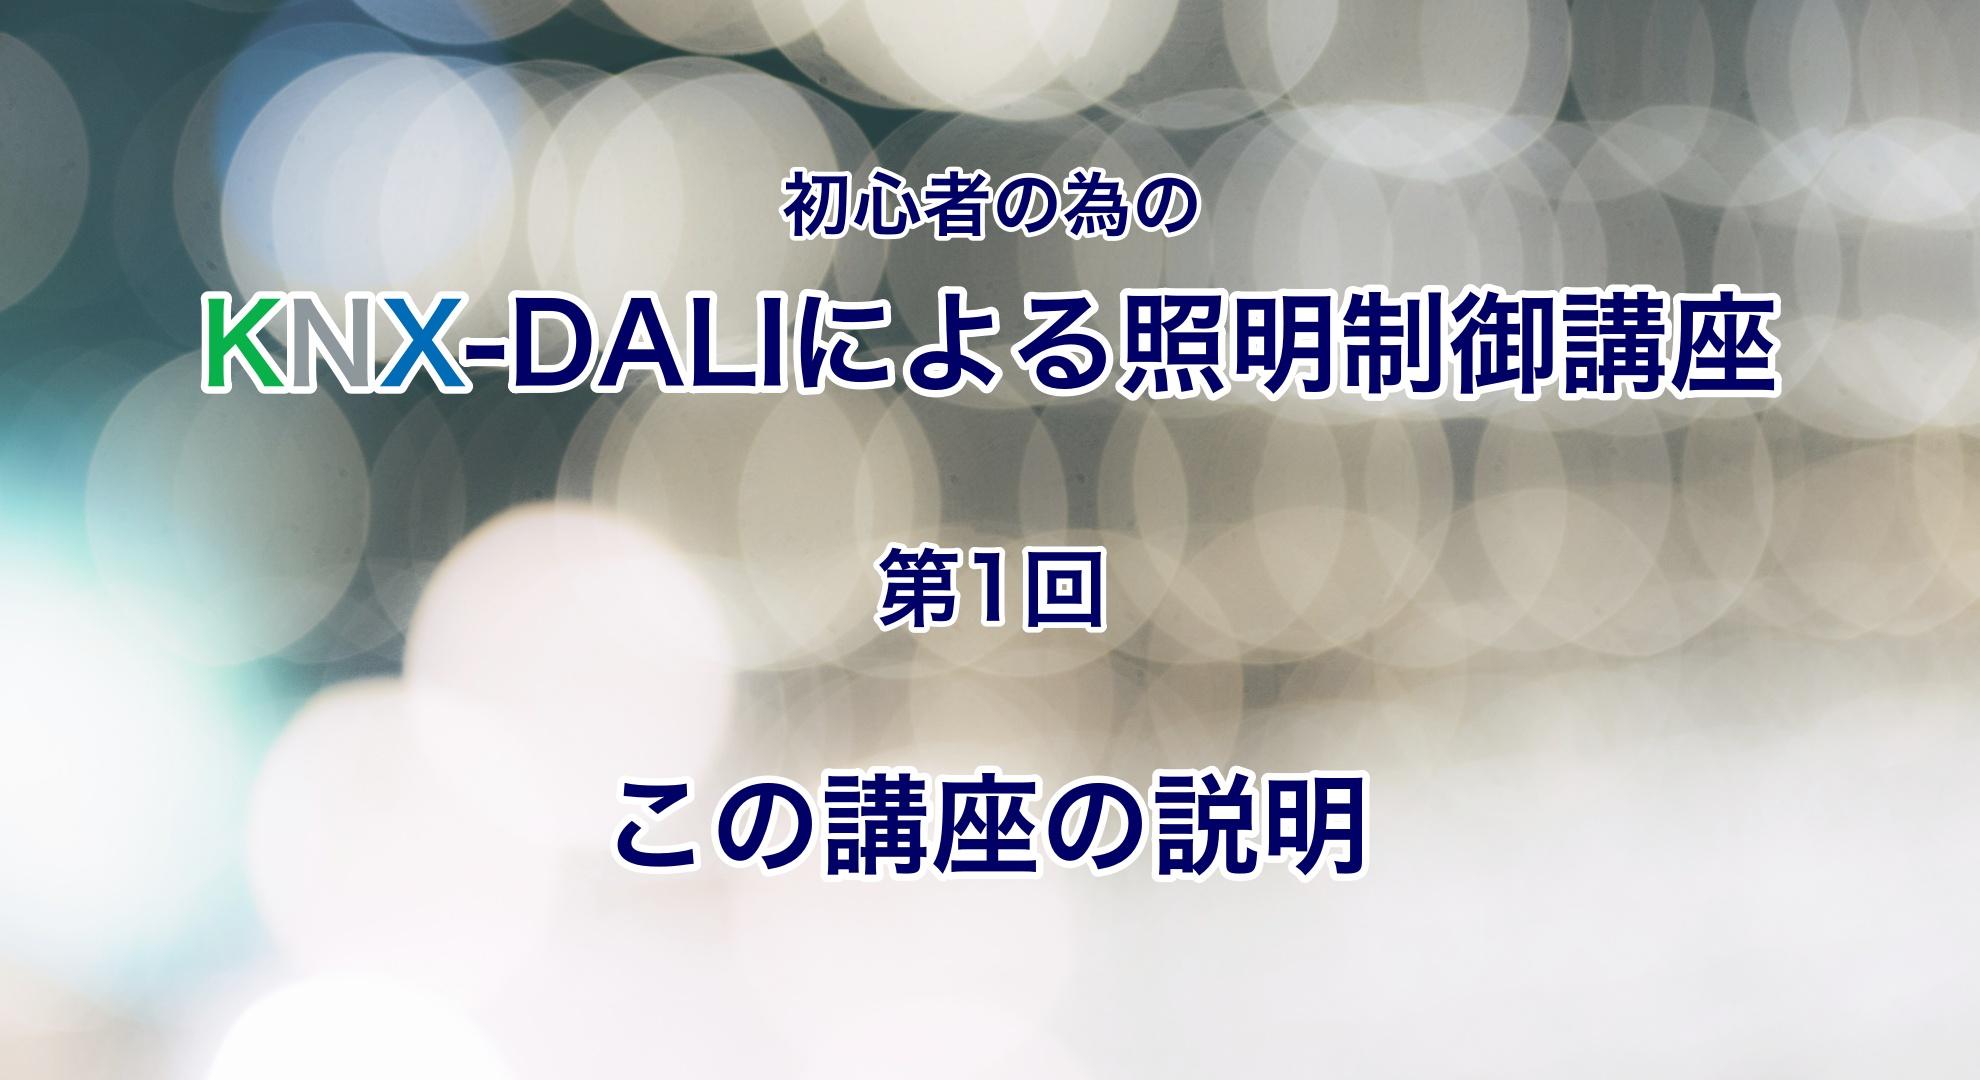 第1回 この講座の説明/初心者の為のKNX-DALIによる照明制御講座